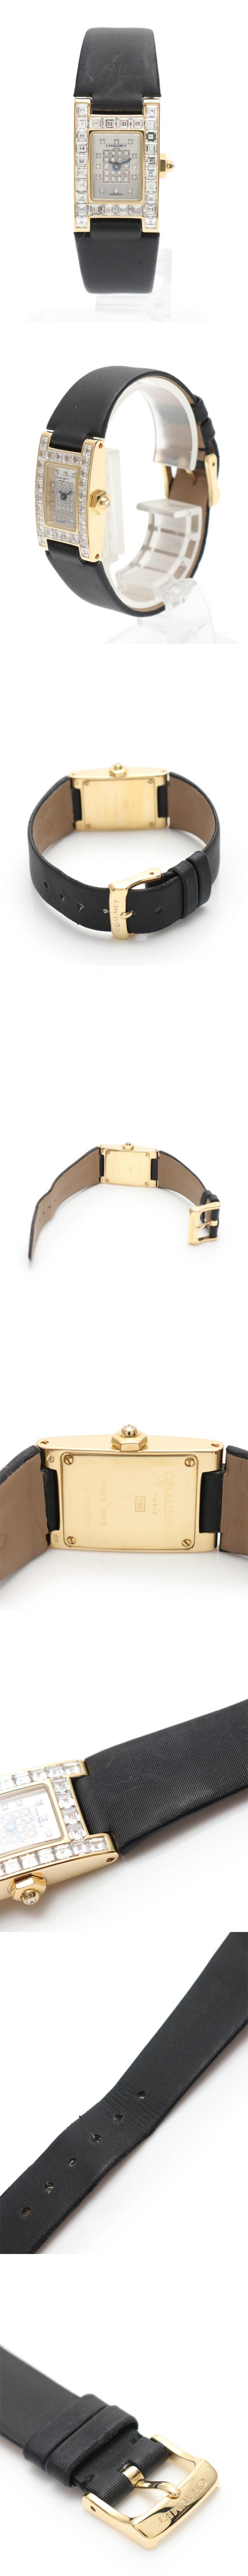 腕時計 スティル ドゥ ショーメ レディース イエローゴールド K18YG バケットダイヤモンド